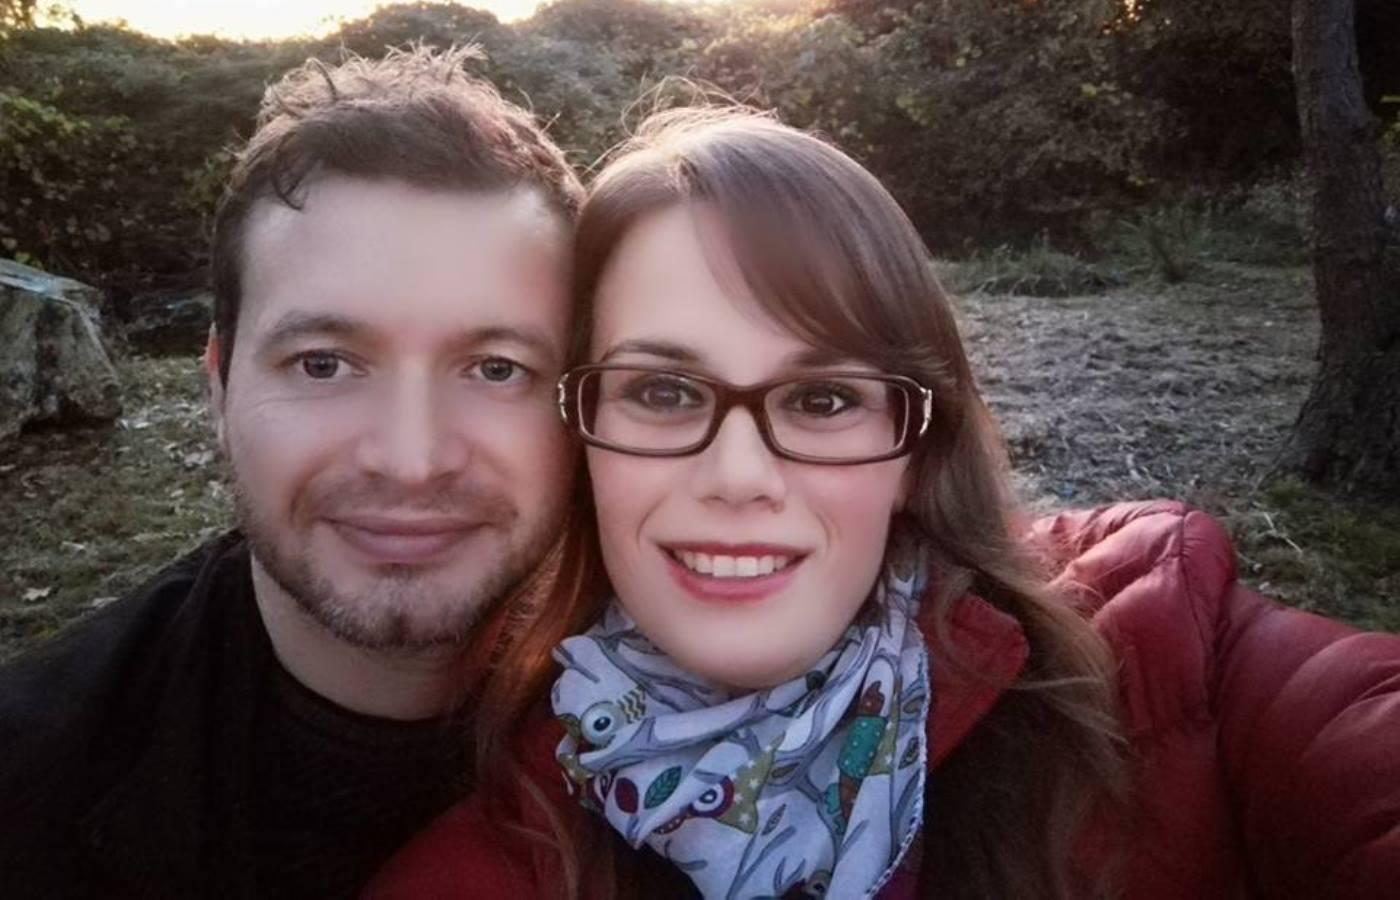 Lei lascia il fidanzato e lui la uccide: omicidio-suicidio a Spilimbergo